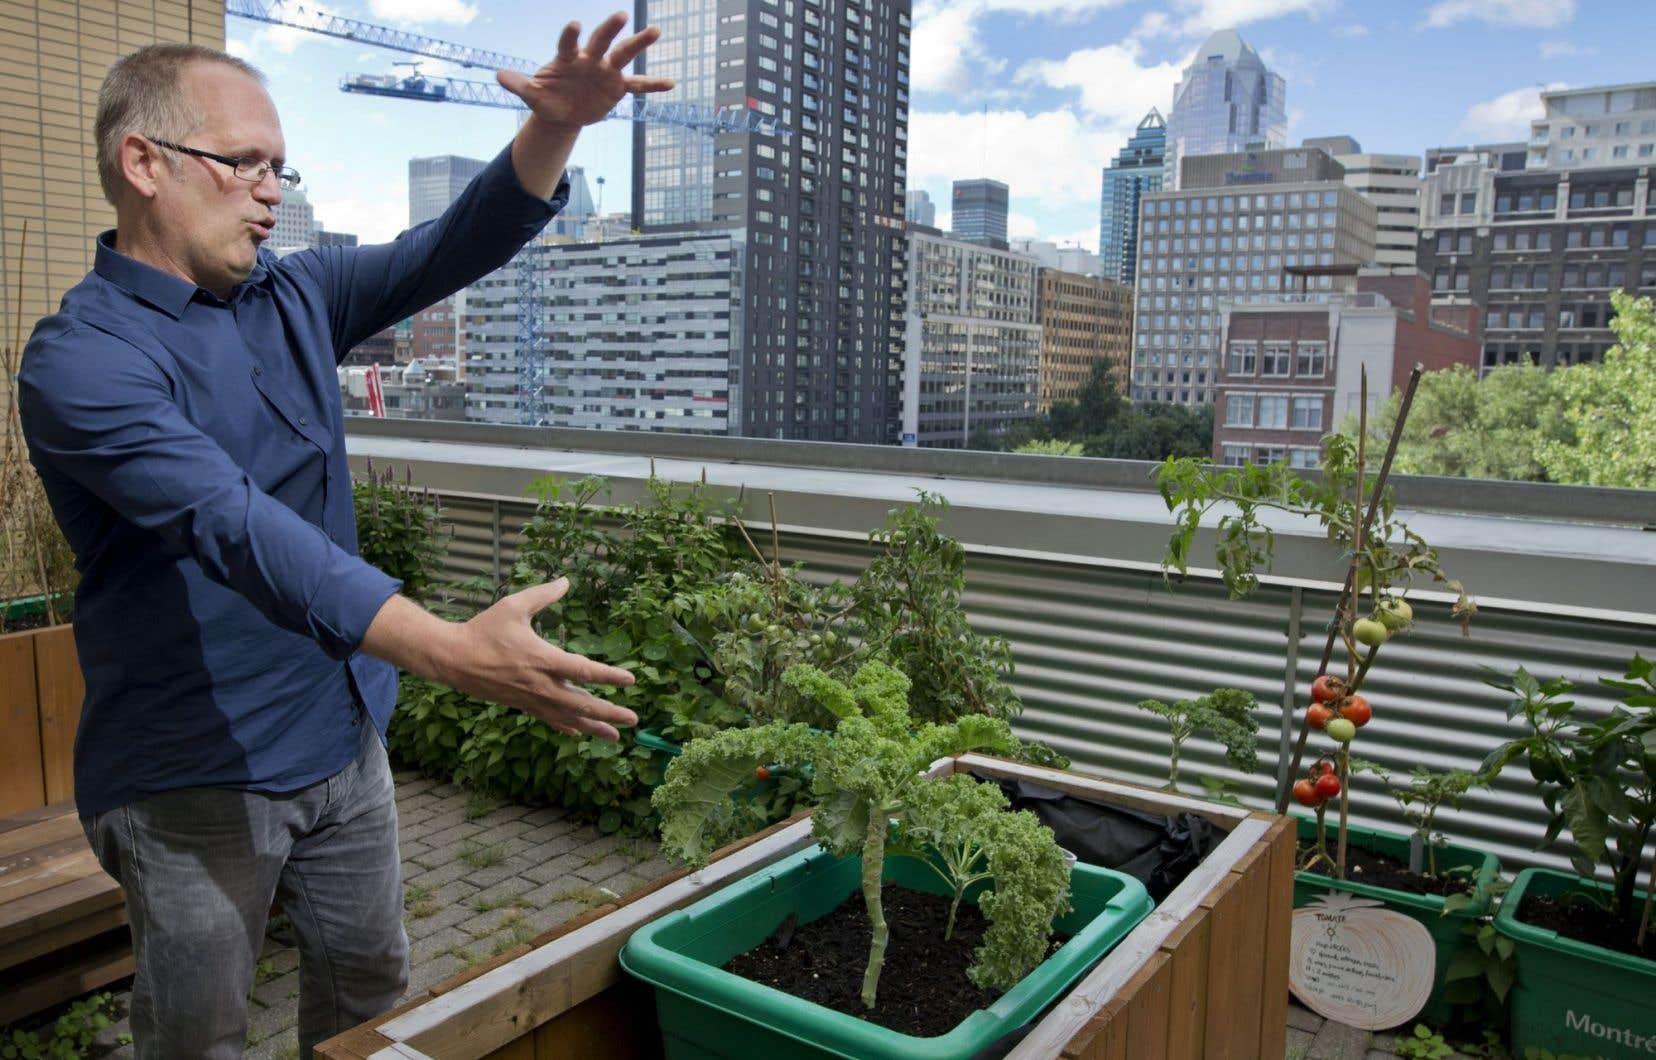 Éric Duchemin, professeur associé à l'UQAM, a contribué au livre de Jennifer Cockrall-King. On le voit ici sur l'un des toits verts de l'université.